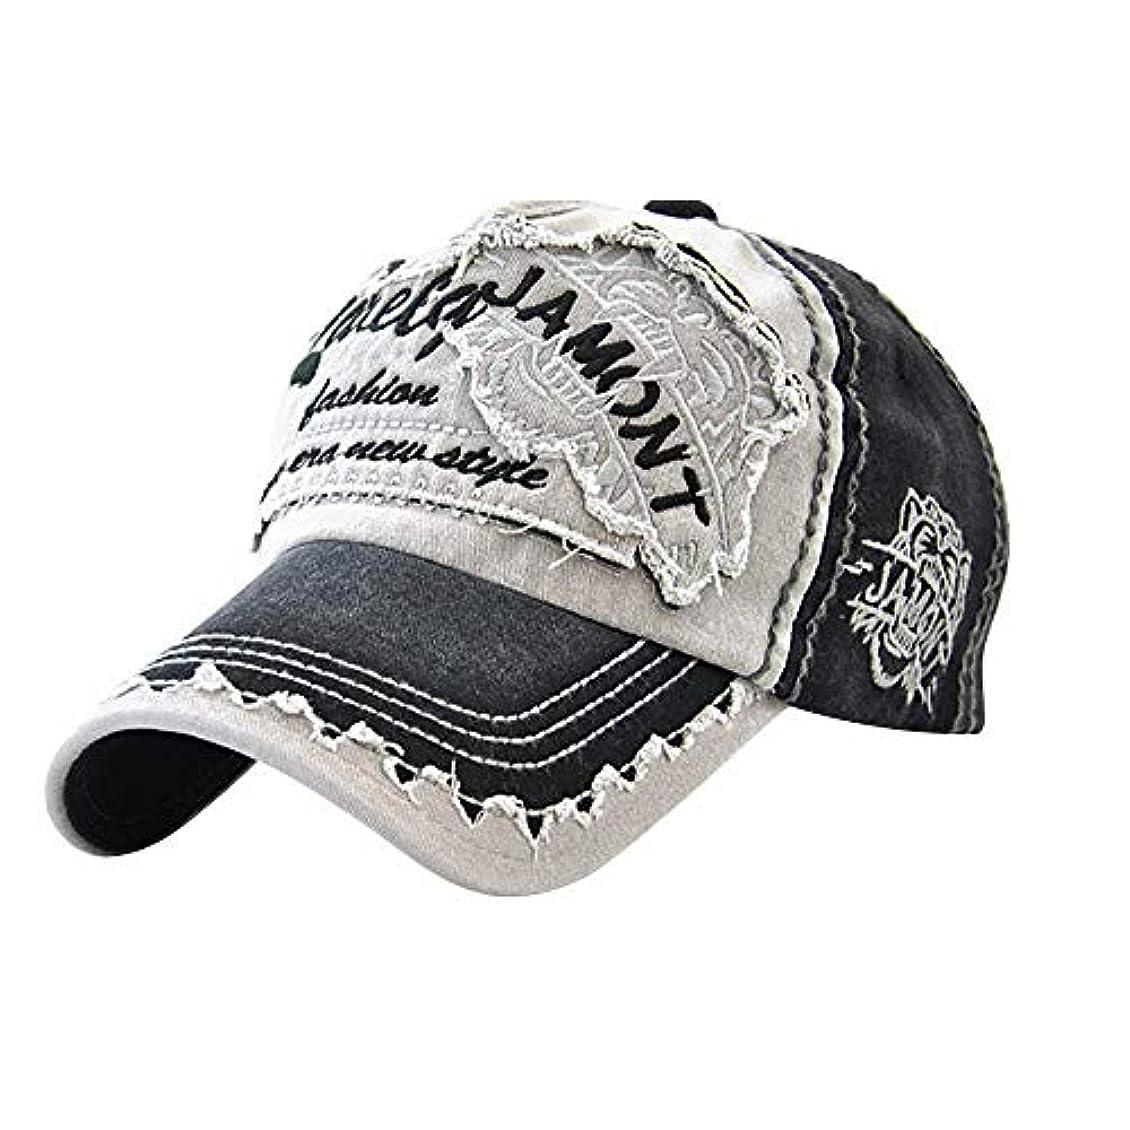 評価保全かごRacazing パッチワーク 野球帽 ヒップホップ メンズ 夏 登山 帽子メッシュ 可調整可能 プラスベルベット 棒球帽 UV 帽子 軽量 屋外 Unisex 鸭舌帽 Hat Cap